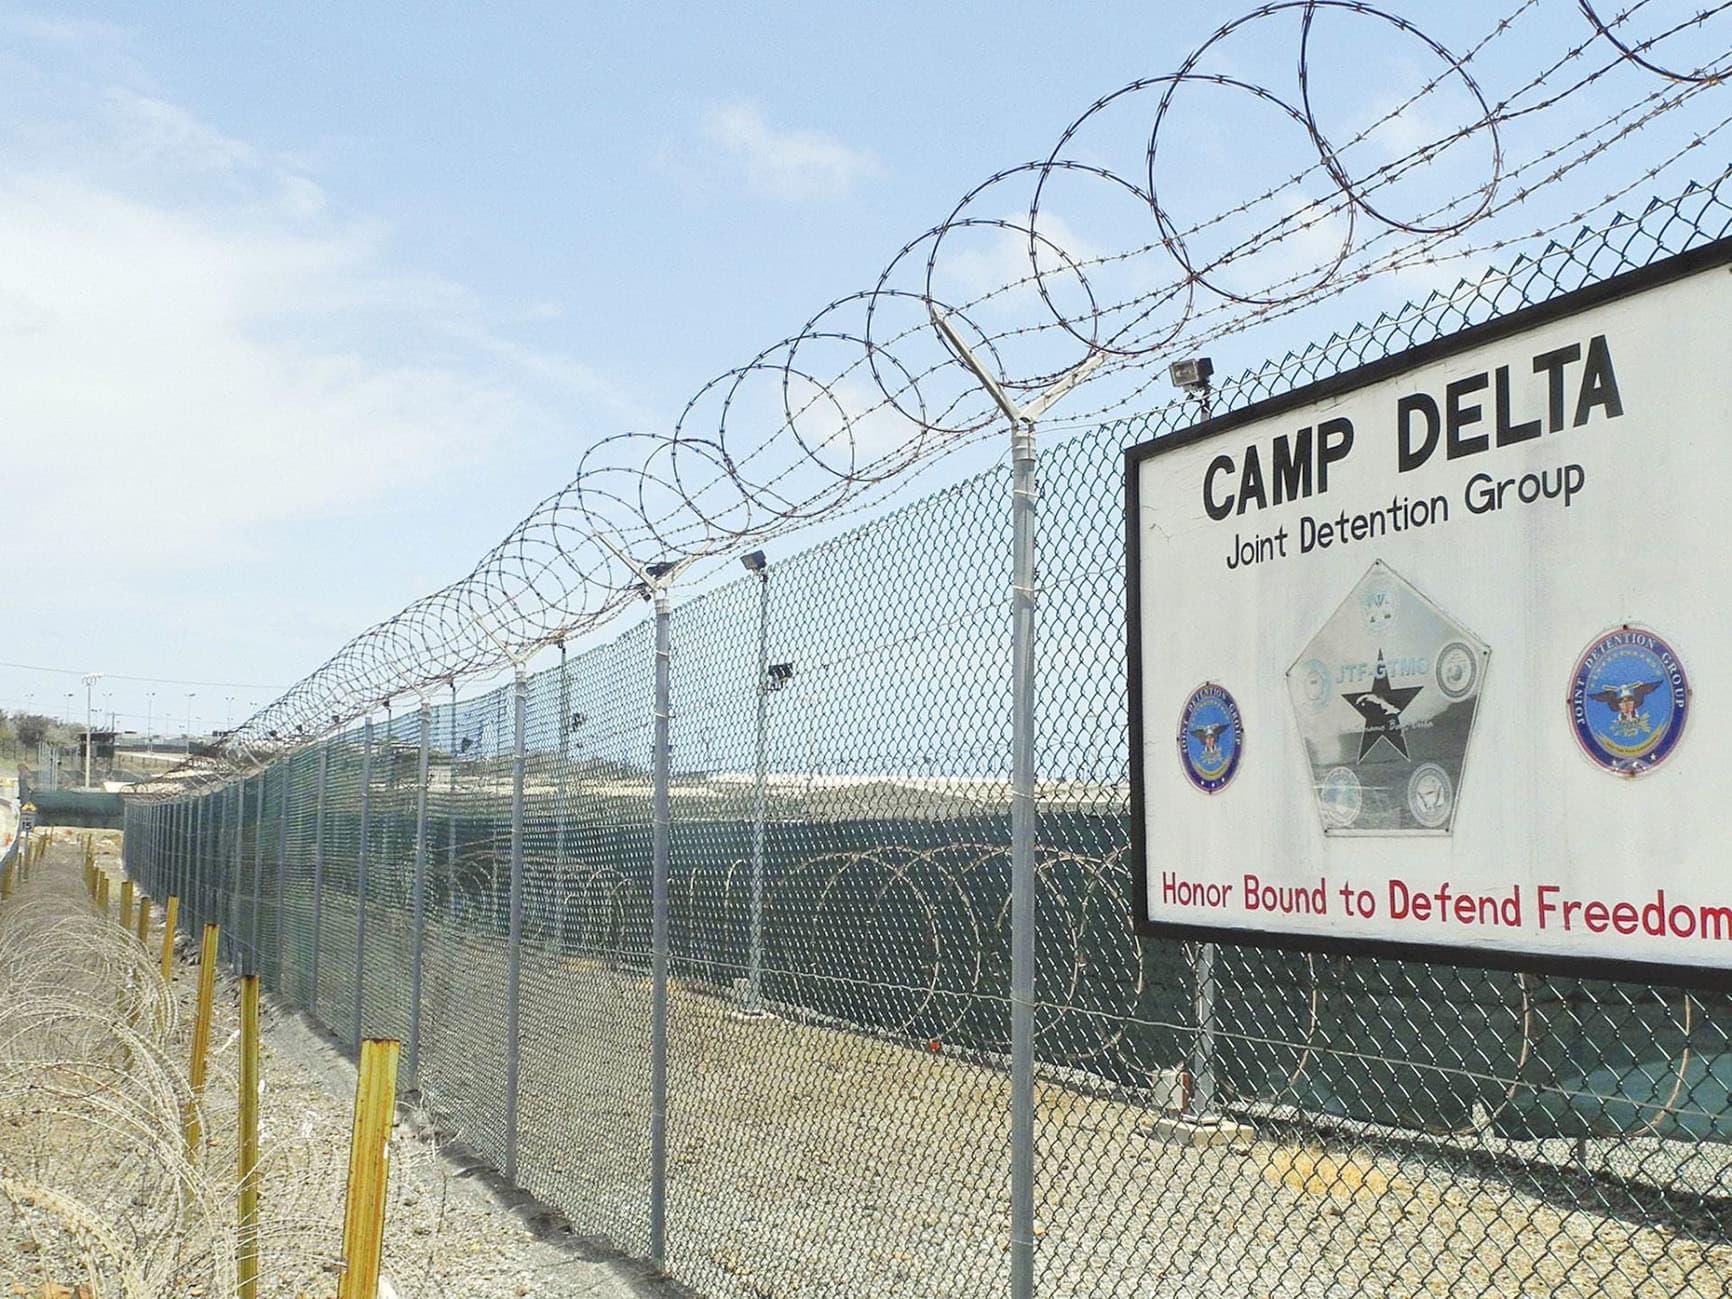 Camp Delta at the US naval base in Guantánamo Bay, Cuba. — AFP